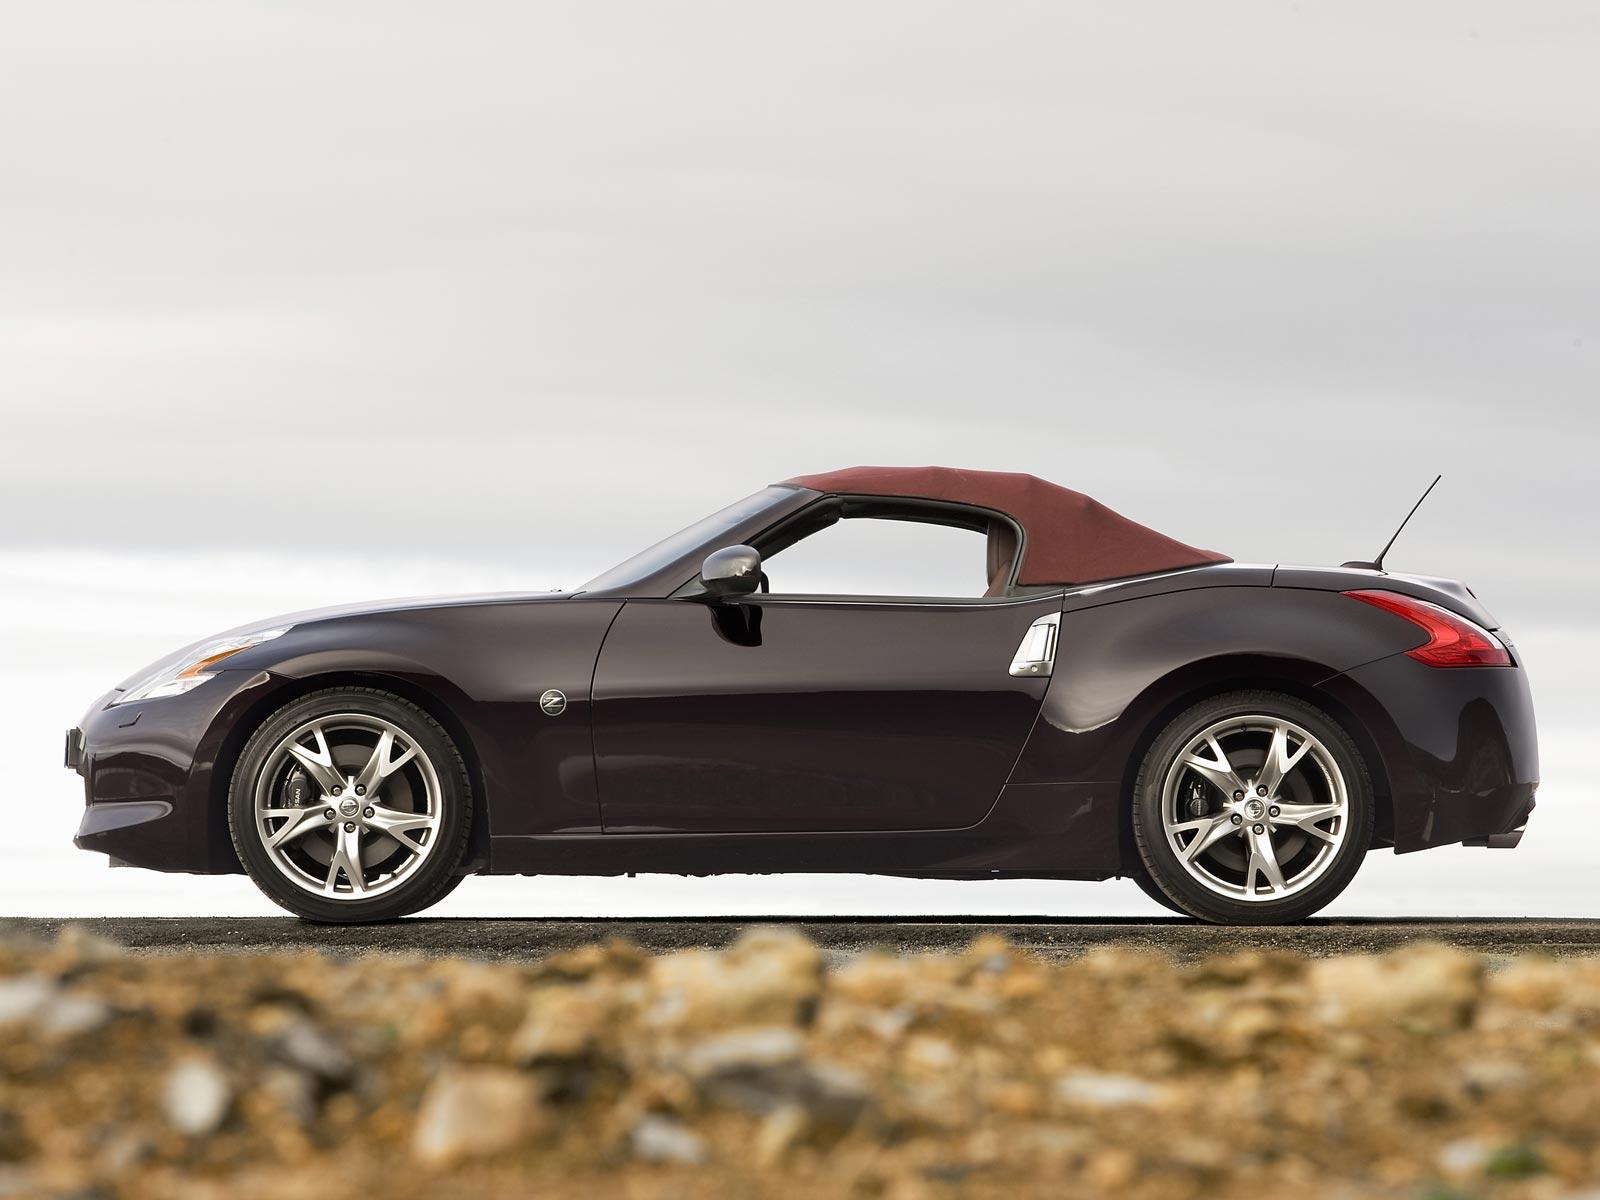 2010 nissan 370z roadster autoguru. Black Bedroom Furniture Sets. Home Design Ideas